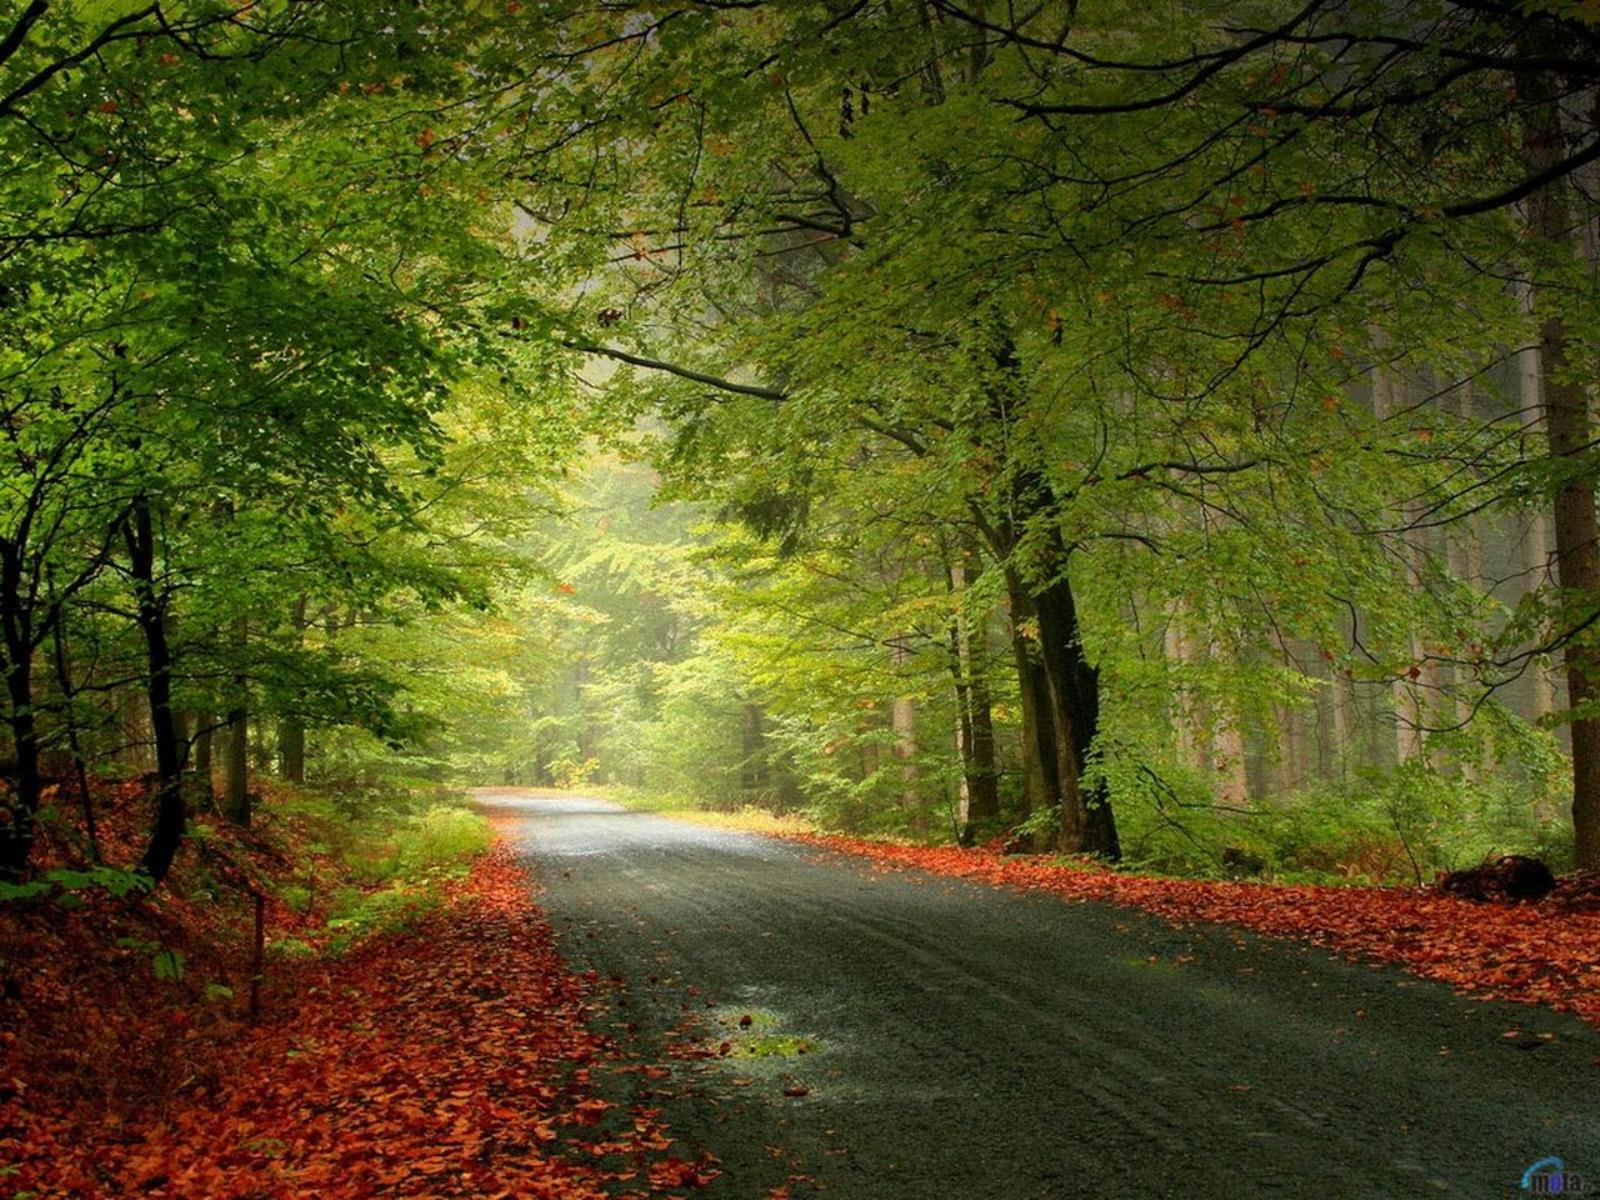 http://2.bp.blogspot.com/-6j7B83IZFFs/Ta7CcPQJVqI/AAAAAAAADHw/ZcNcxin3pwg/s1600/carretera+en+bosque+frondoso.jpg